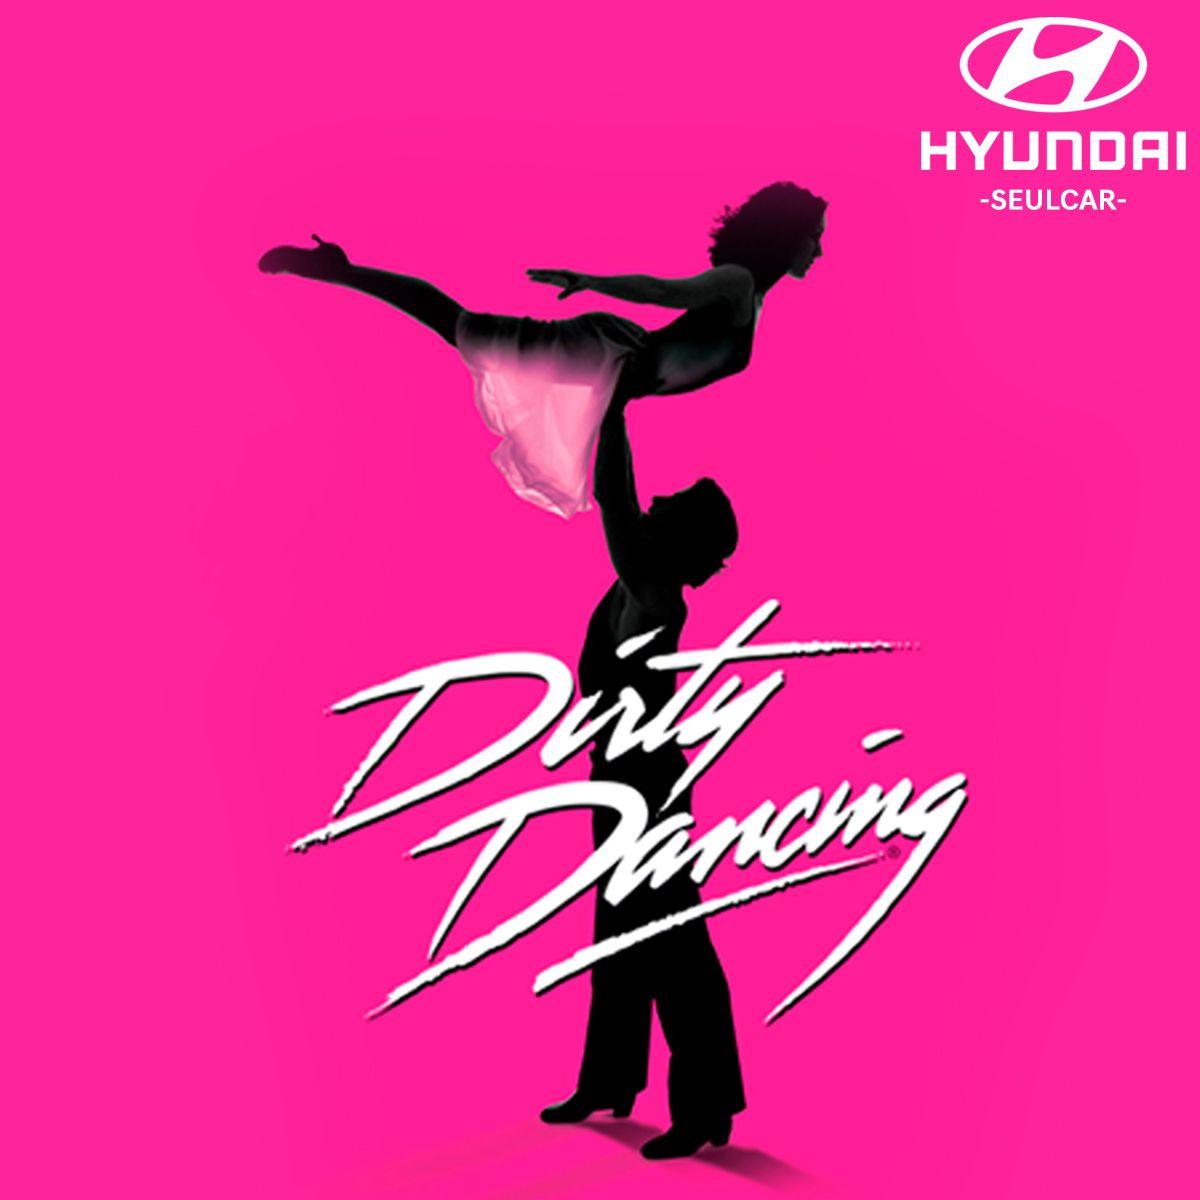 Dirty Dancing llega a Zaragoza con el patrocinio de Hyundai